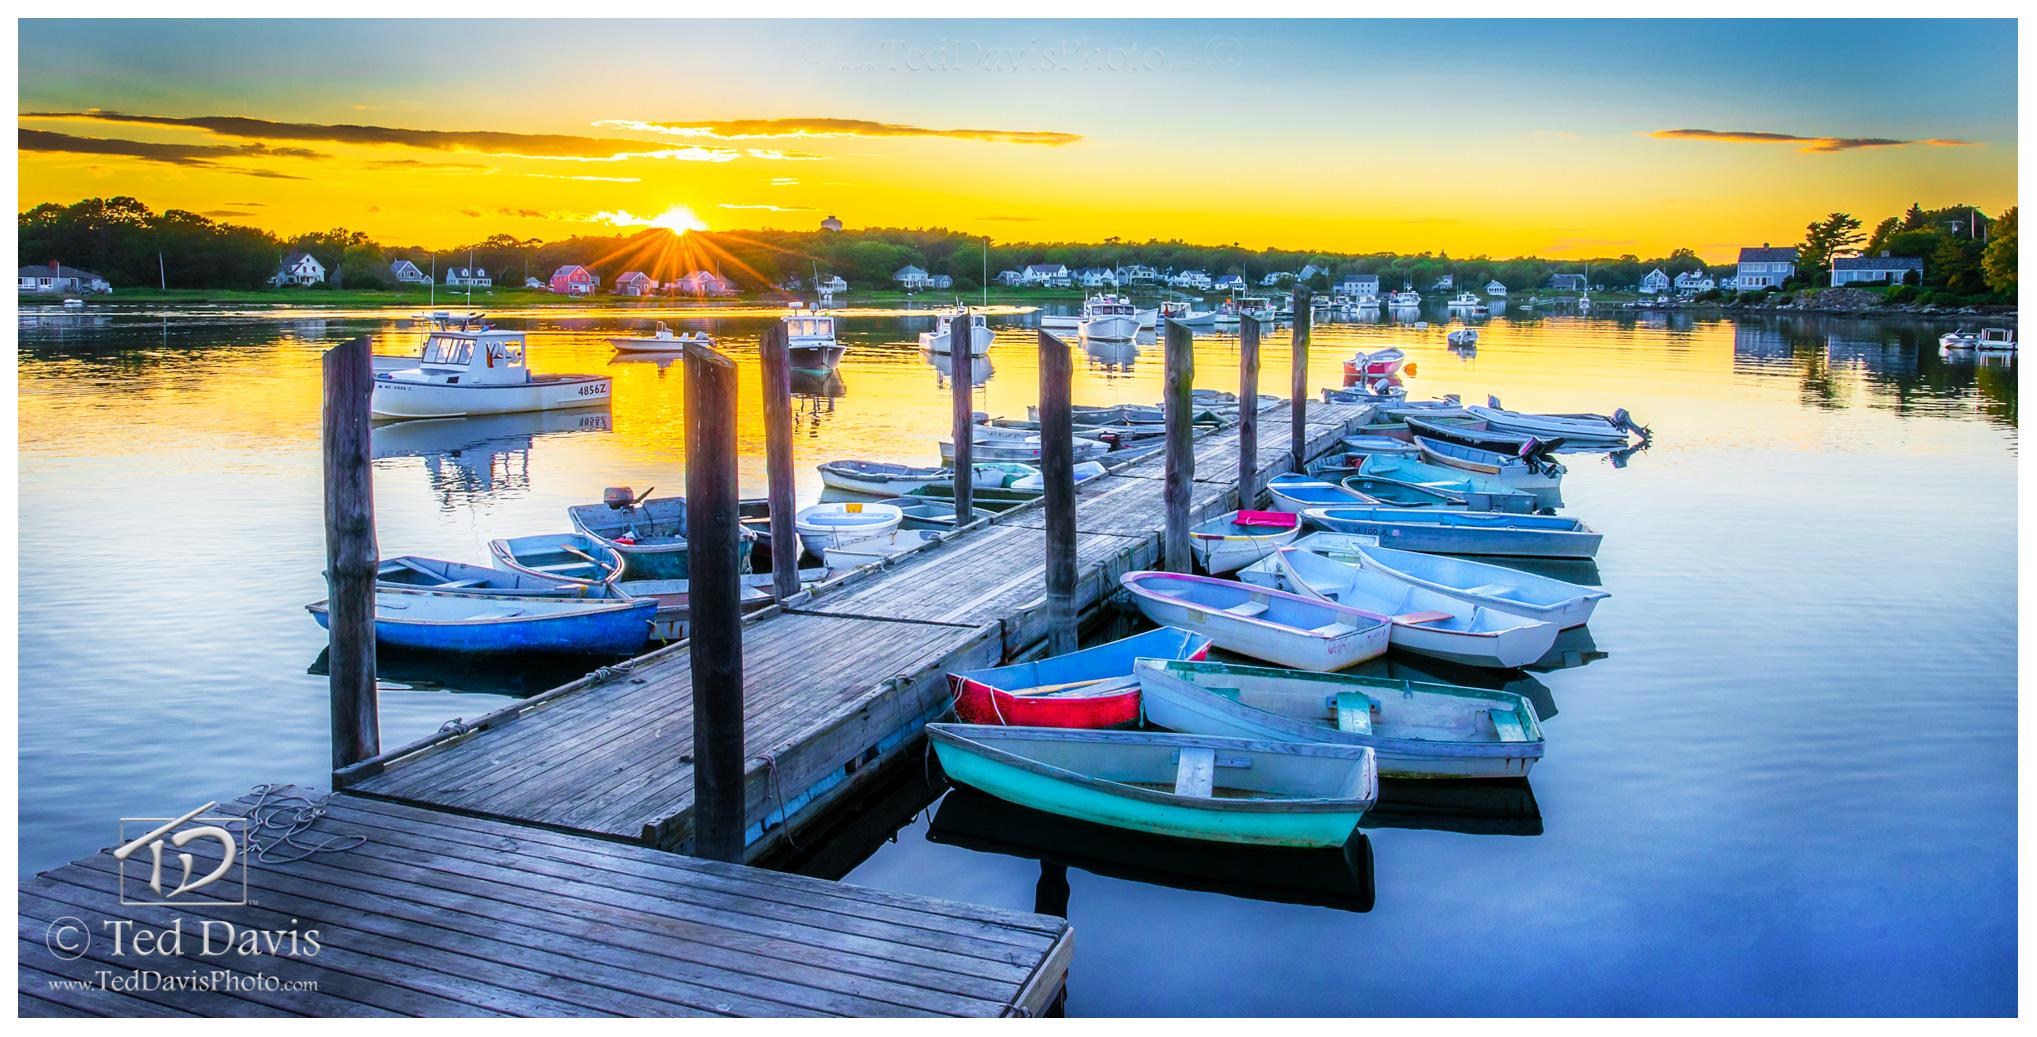 dingy, cape porpoise, evening, sun, langsford, ocean, photo, limited edition, shot, pier, harbor, maine